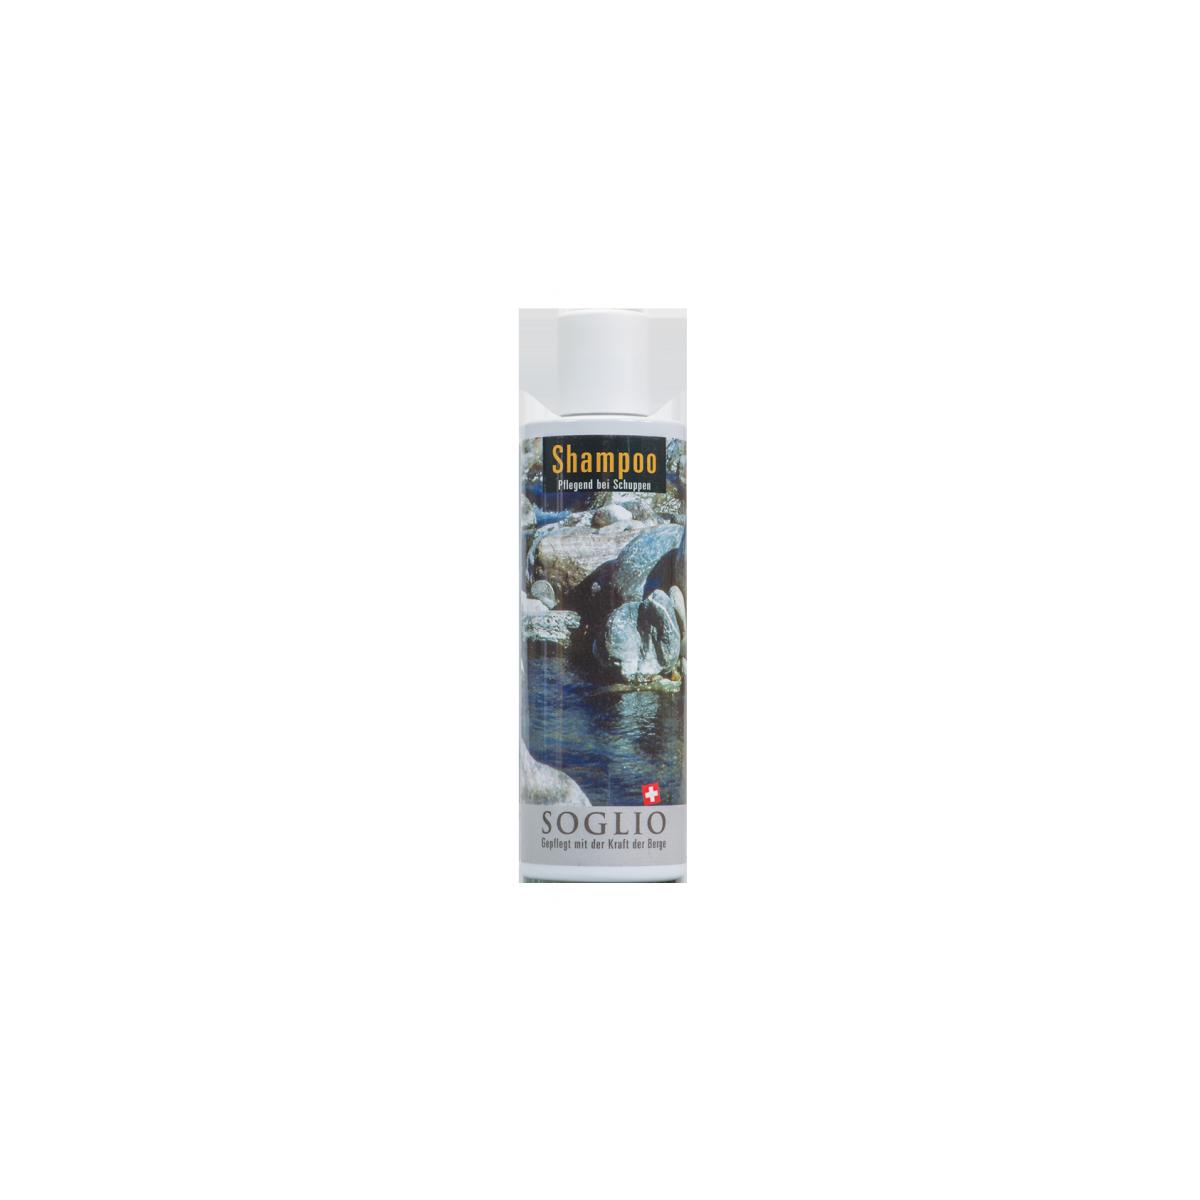 Shampoo gegen Schuppen 200ml